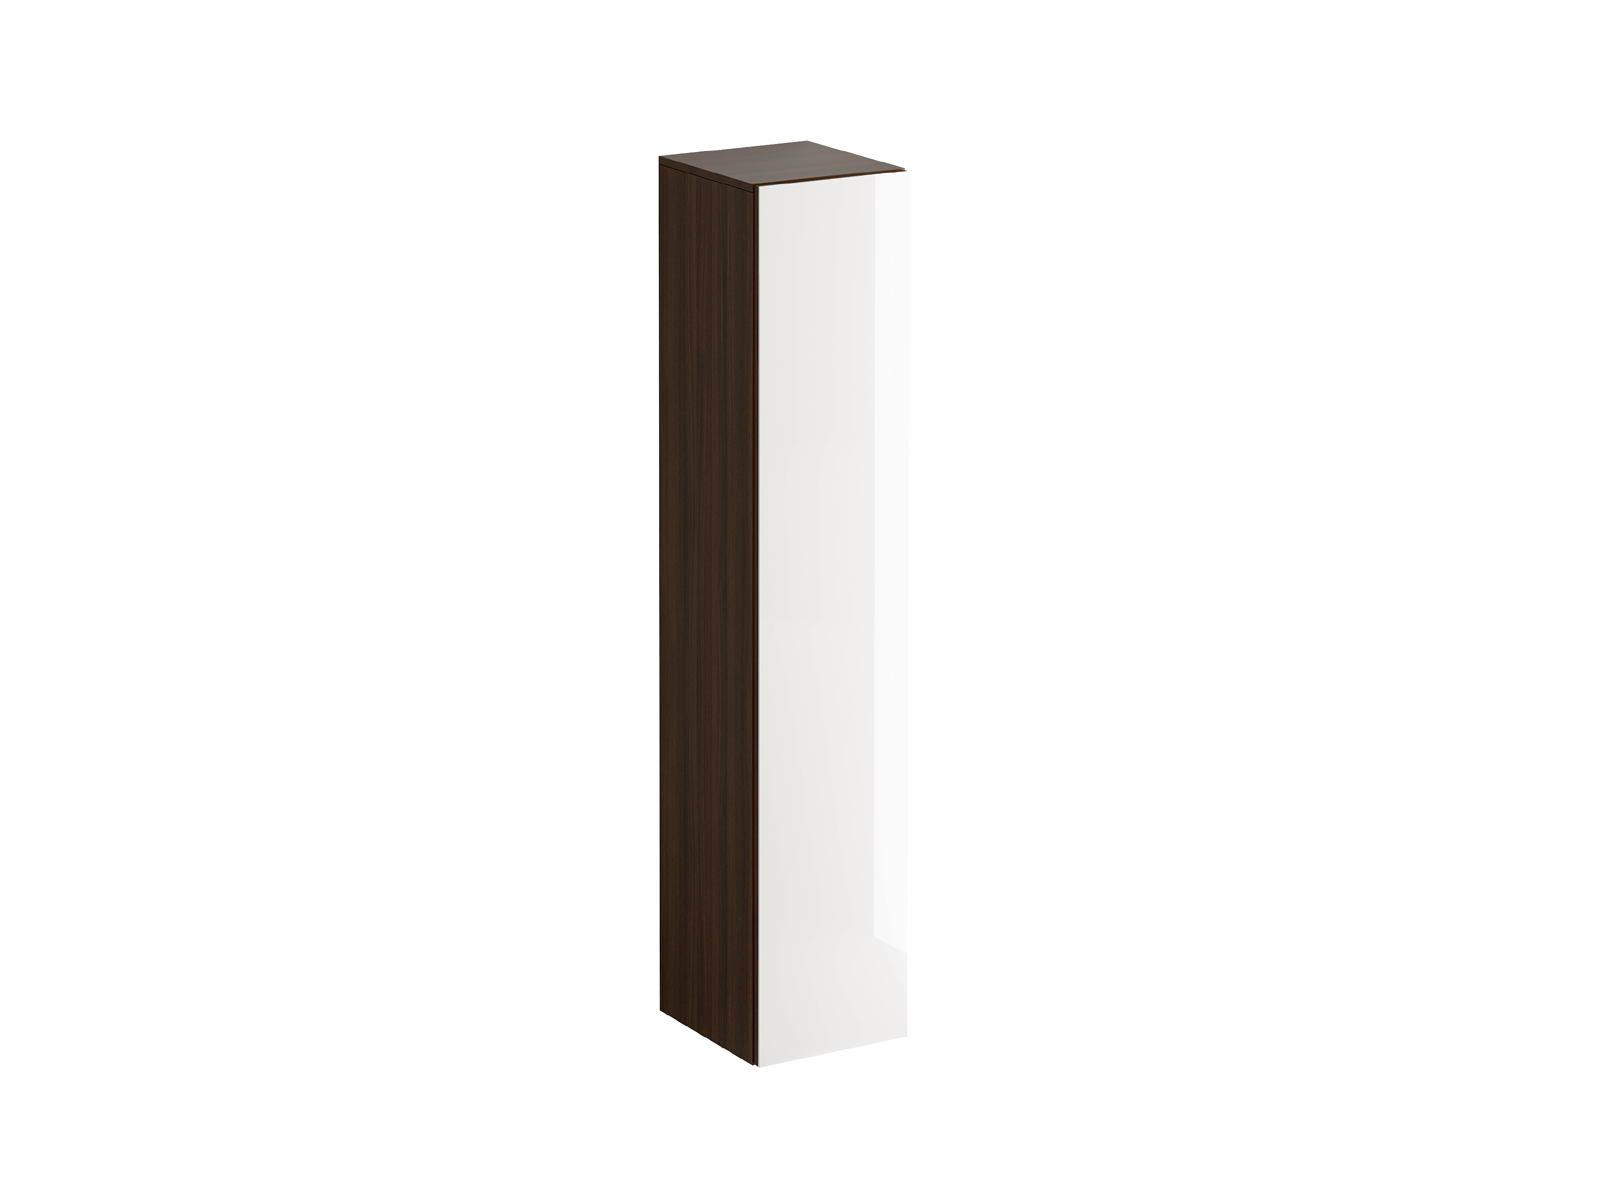 Пенал GustoШкафы<br>Пенал состоит из 5 отделений. Верхняя и нижняя полки – стационарные, две средние – съемные, с возможностью переустановки по высоте. Распашная дверь открывается по принципу «нажал-открыл». Задняя стенка черного цвета.<br>